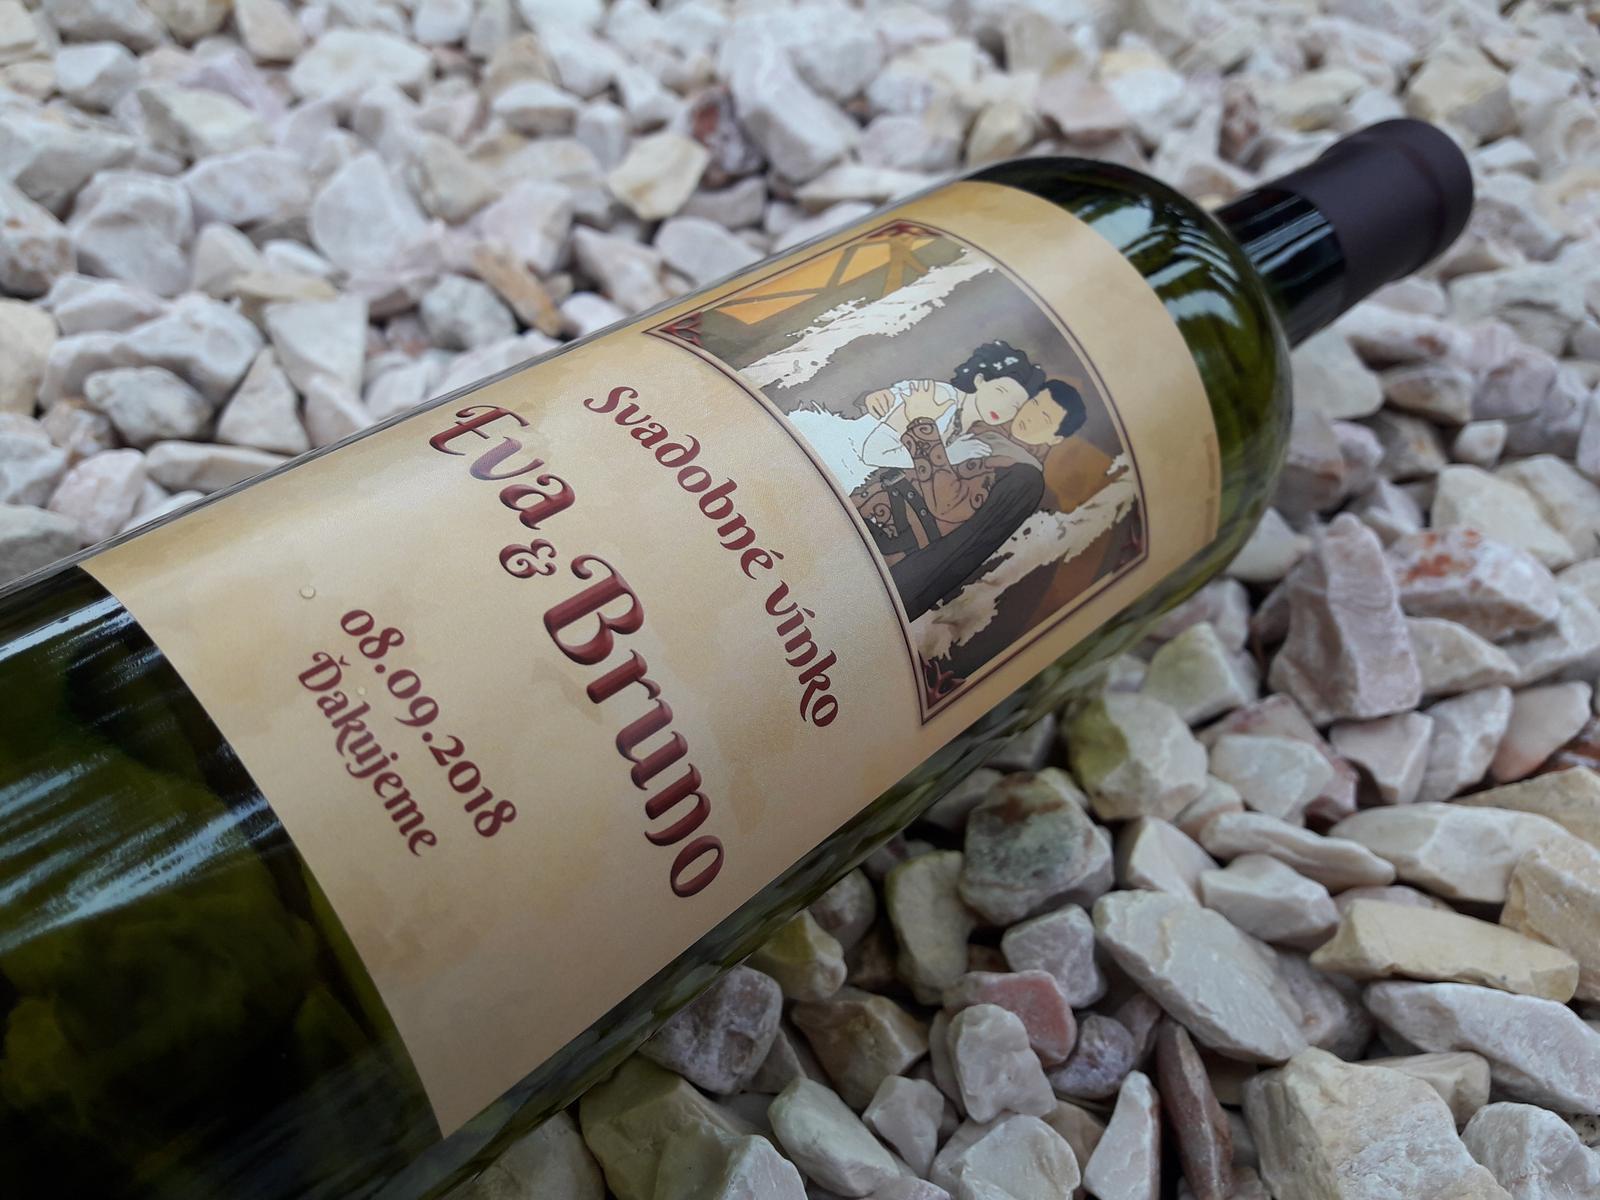 vinomaravilla - Svadobné vínko s etiketou, ktorú sme spracovali na základe oznámenia. Rómeo a Júlia